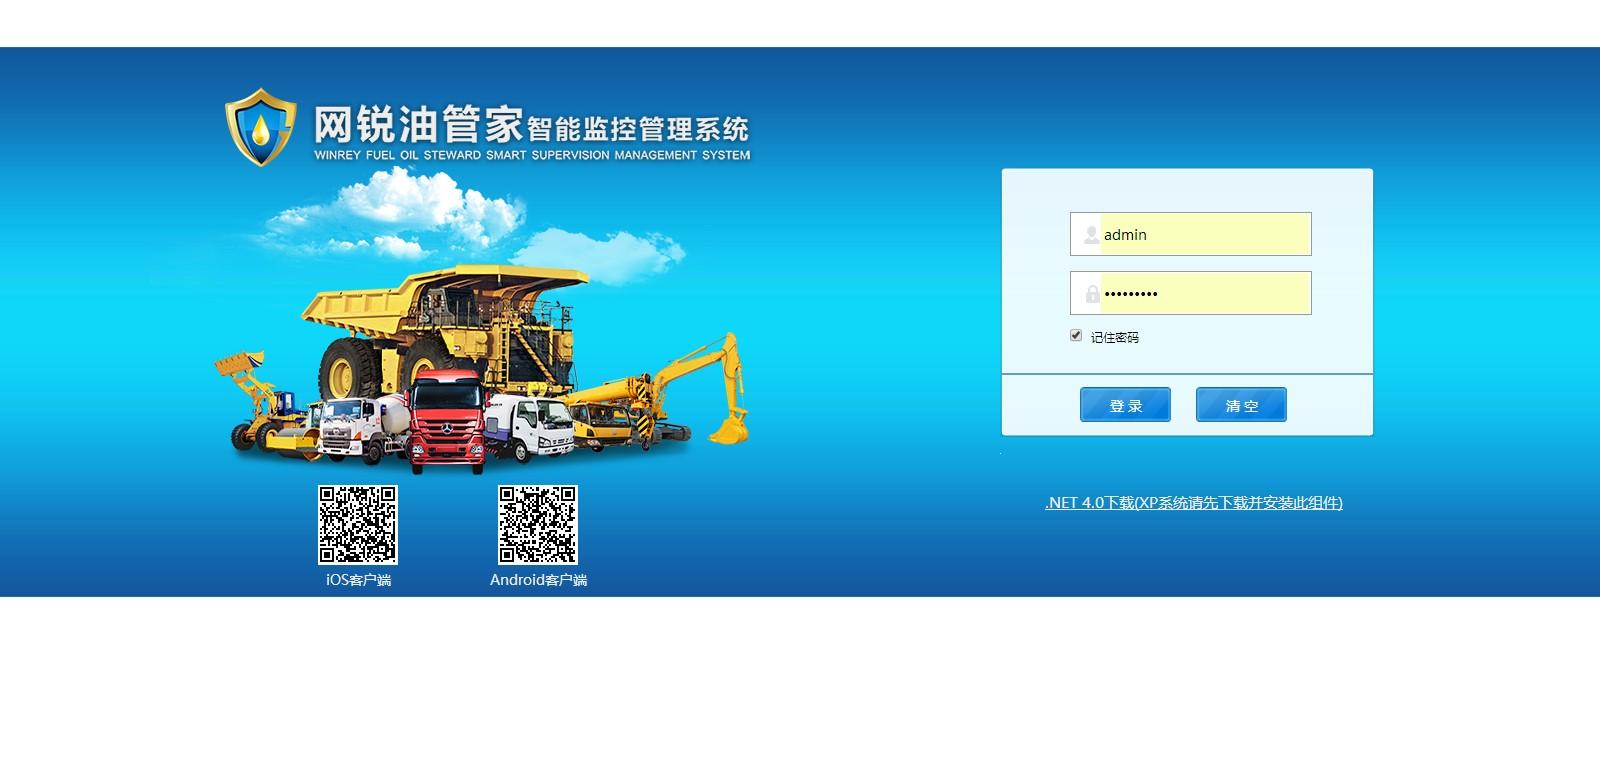 网锐油管家-智能监控管理系统